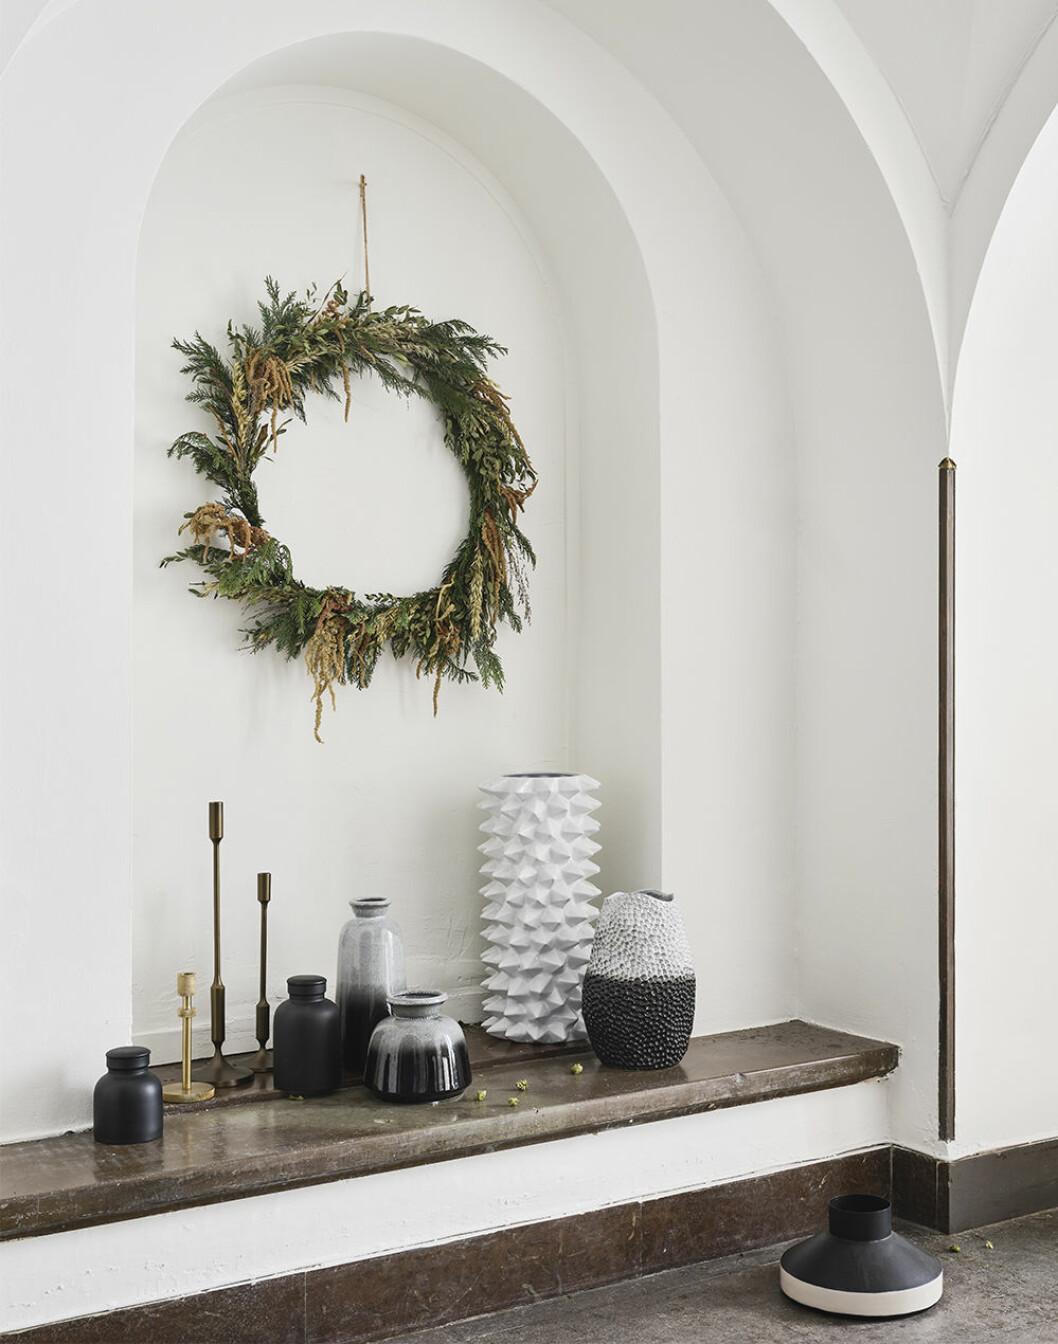 Ljusstakar och keramik som passar både i jul och året om